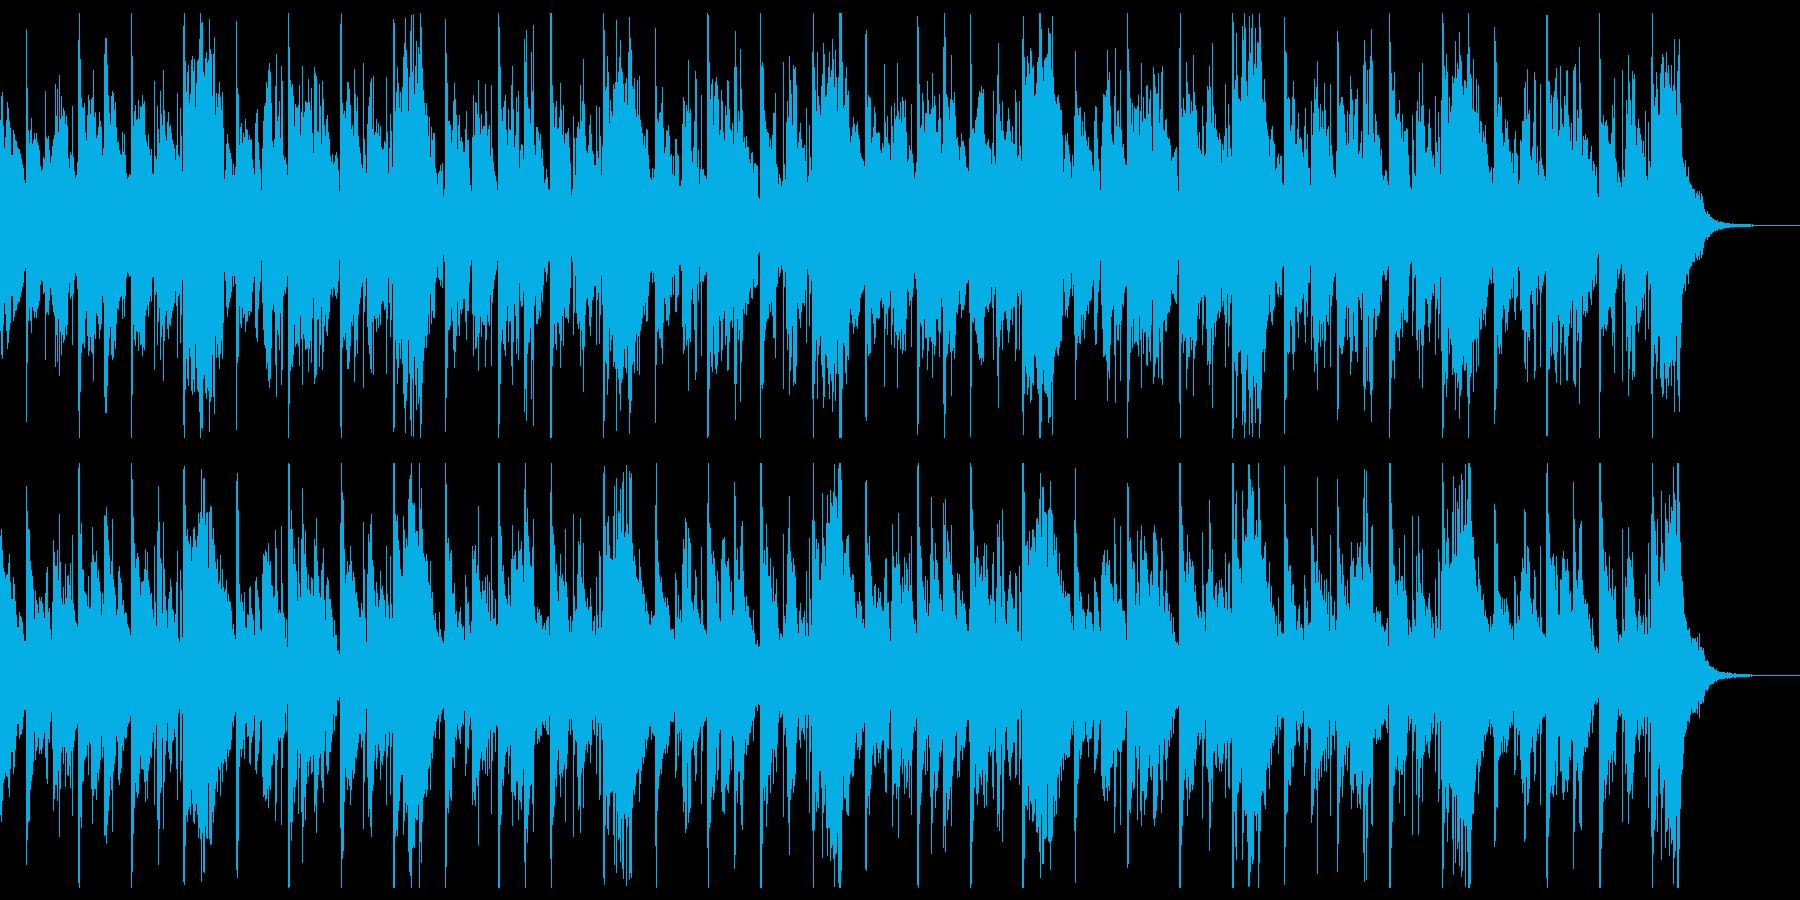 低音ピアノがズンズン迫りくるホラー風の再生済みの波形